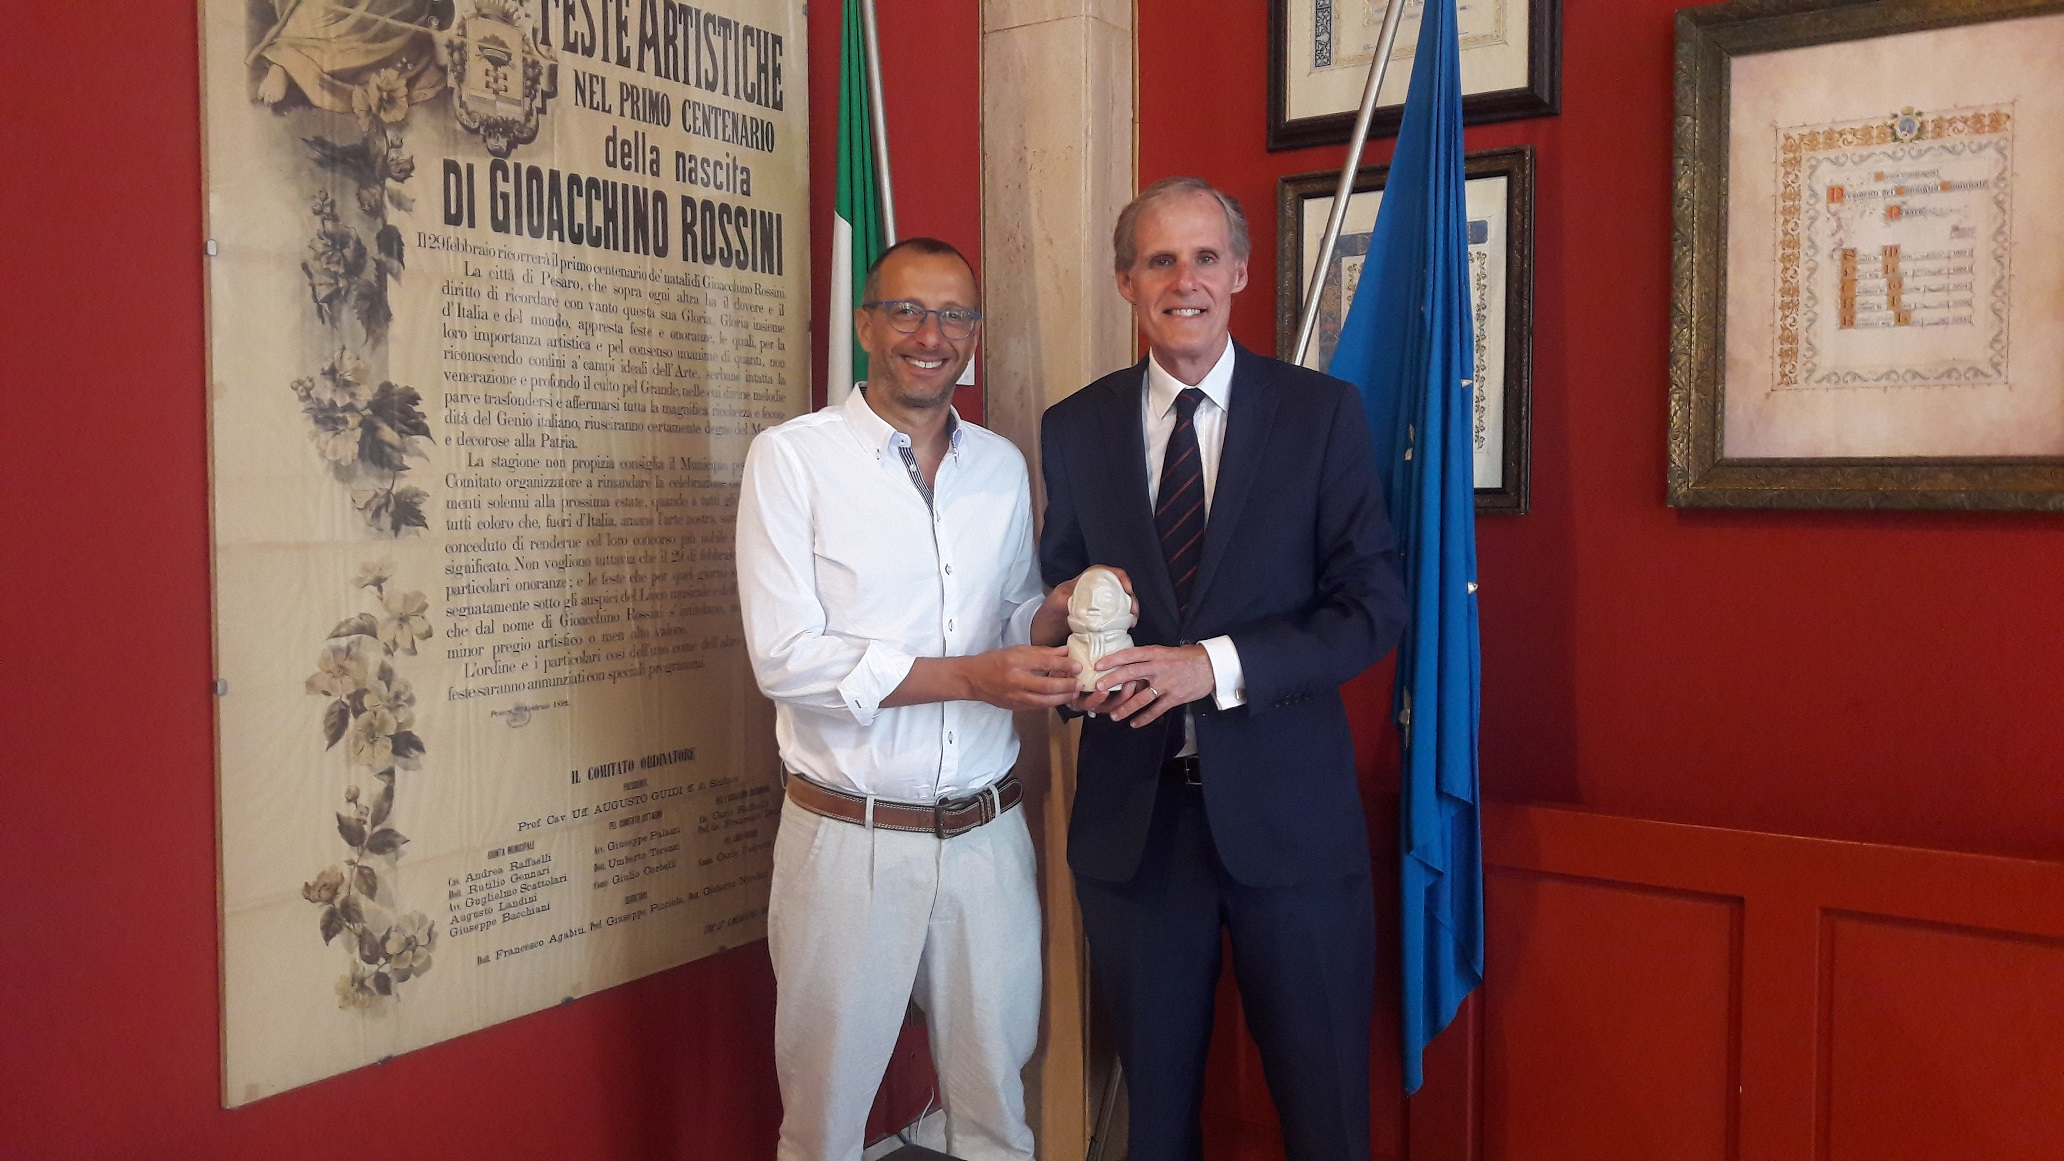 Ricci incontra l'ambasciatore Masset: «Il rapporto con la Francia è fondamentale per la cultura»